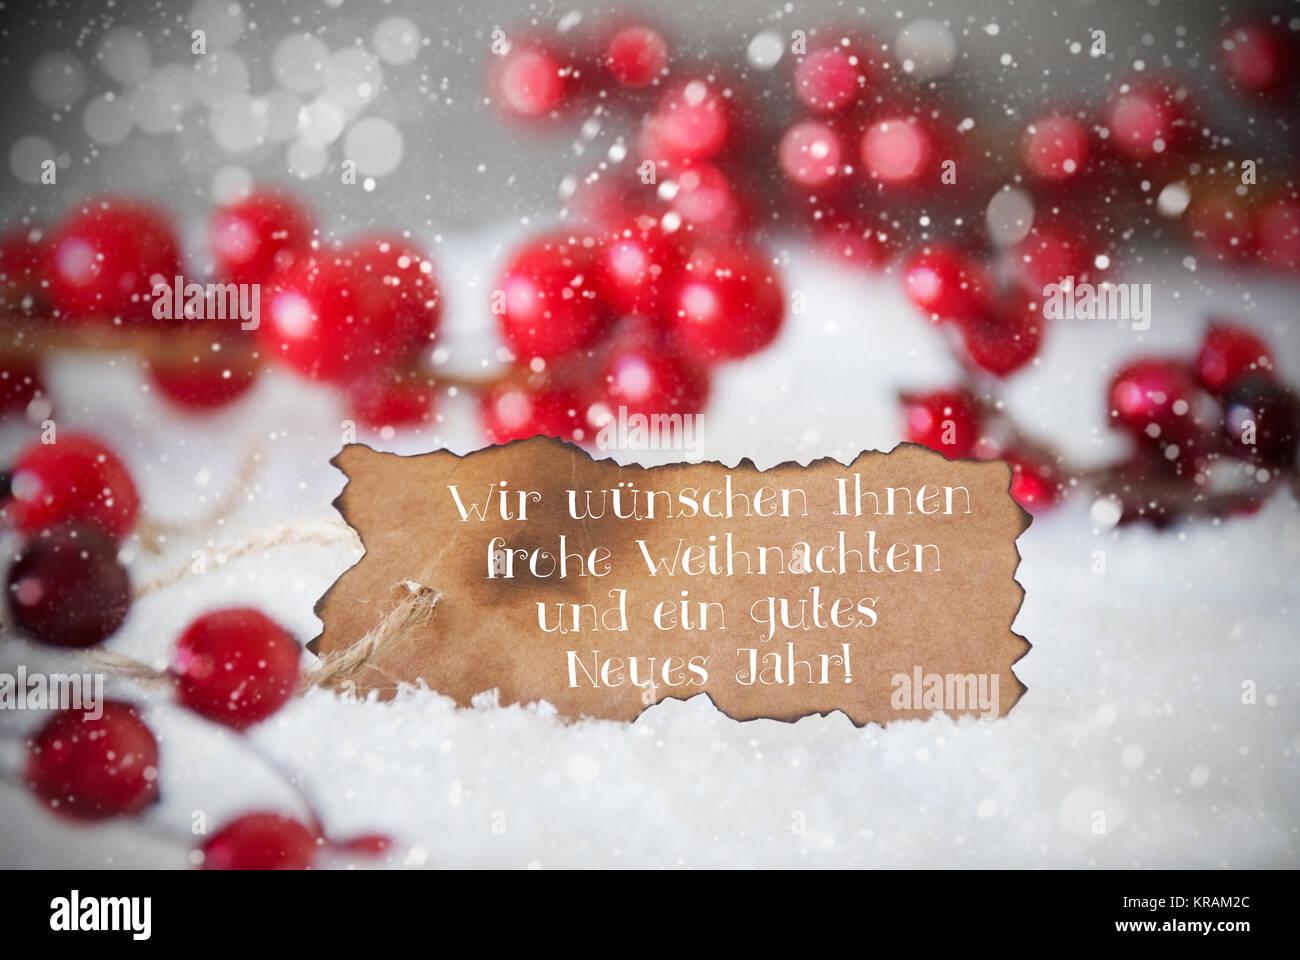 Ein Gutes Jahr Stockfotos & Ein Gutes Jahr Bilder - Alamy